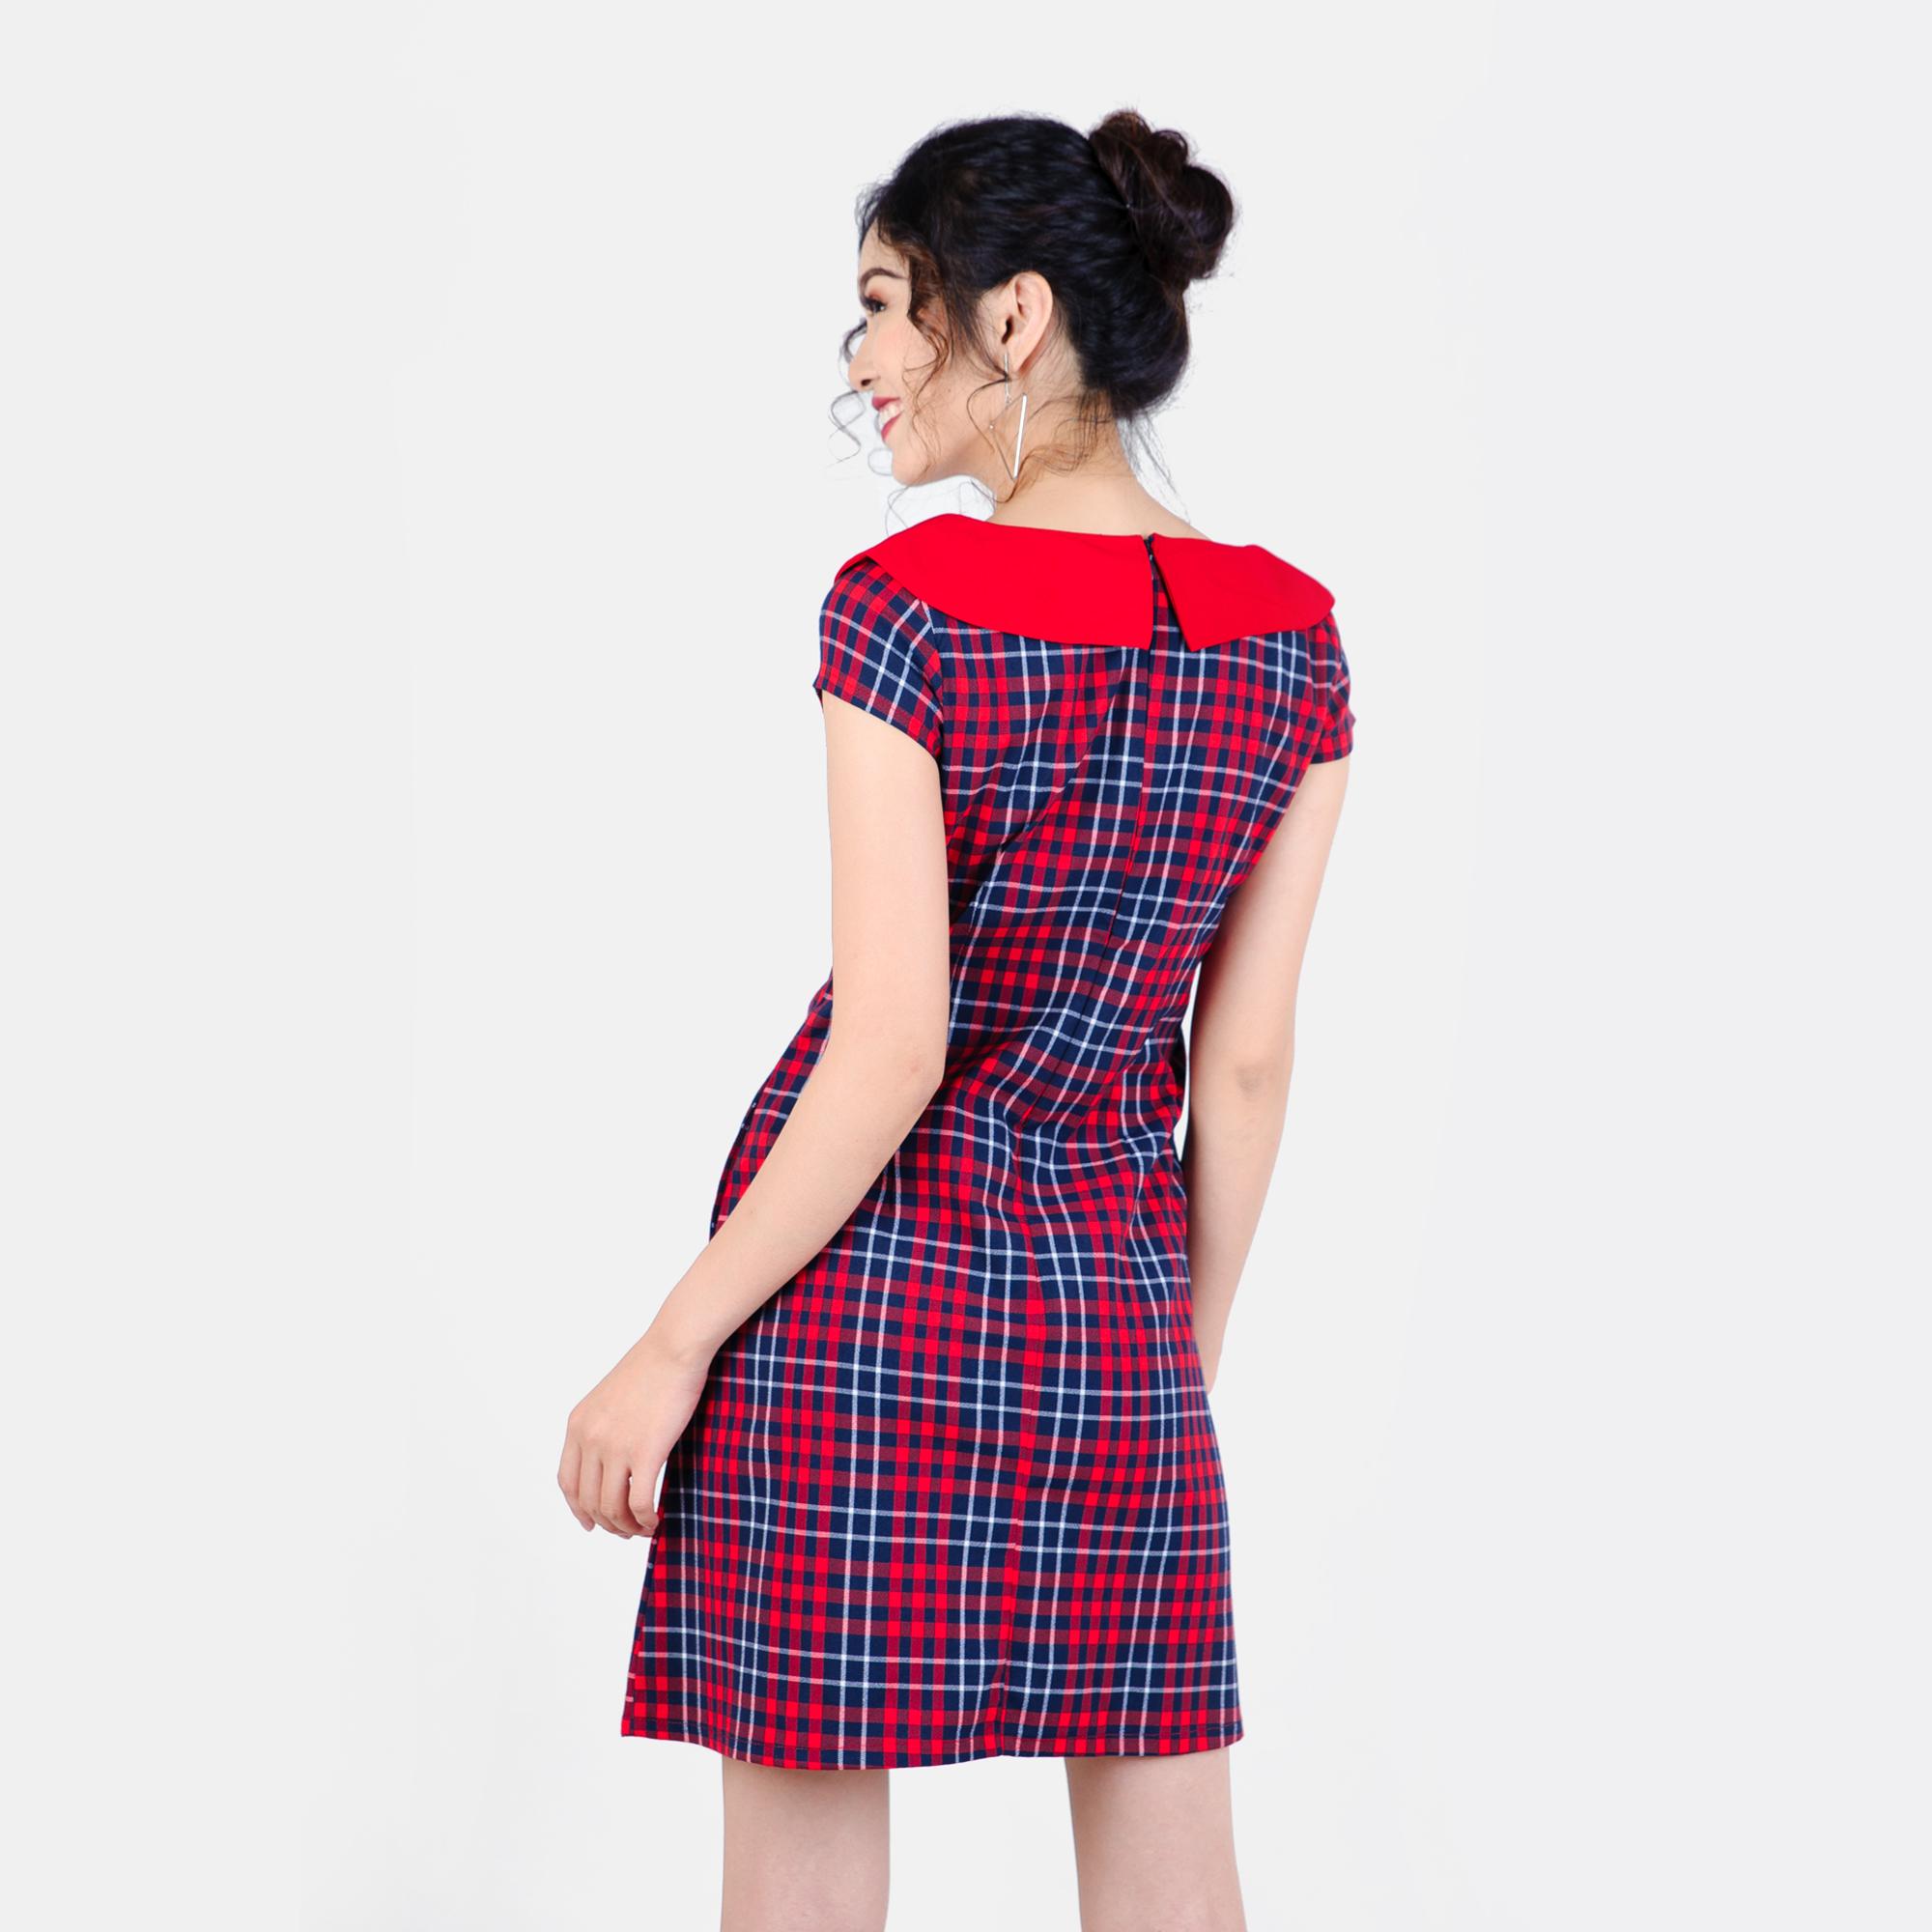 Đầm caro phối nơ cổ thời trang Eden d186 (caro đỏ xanh)